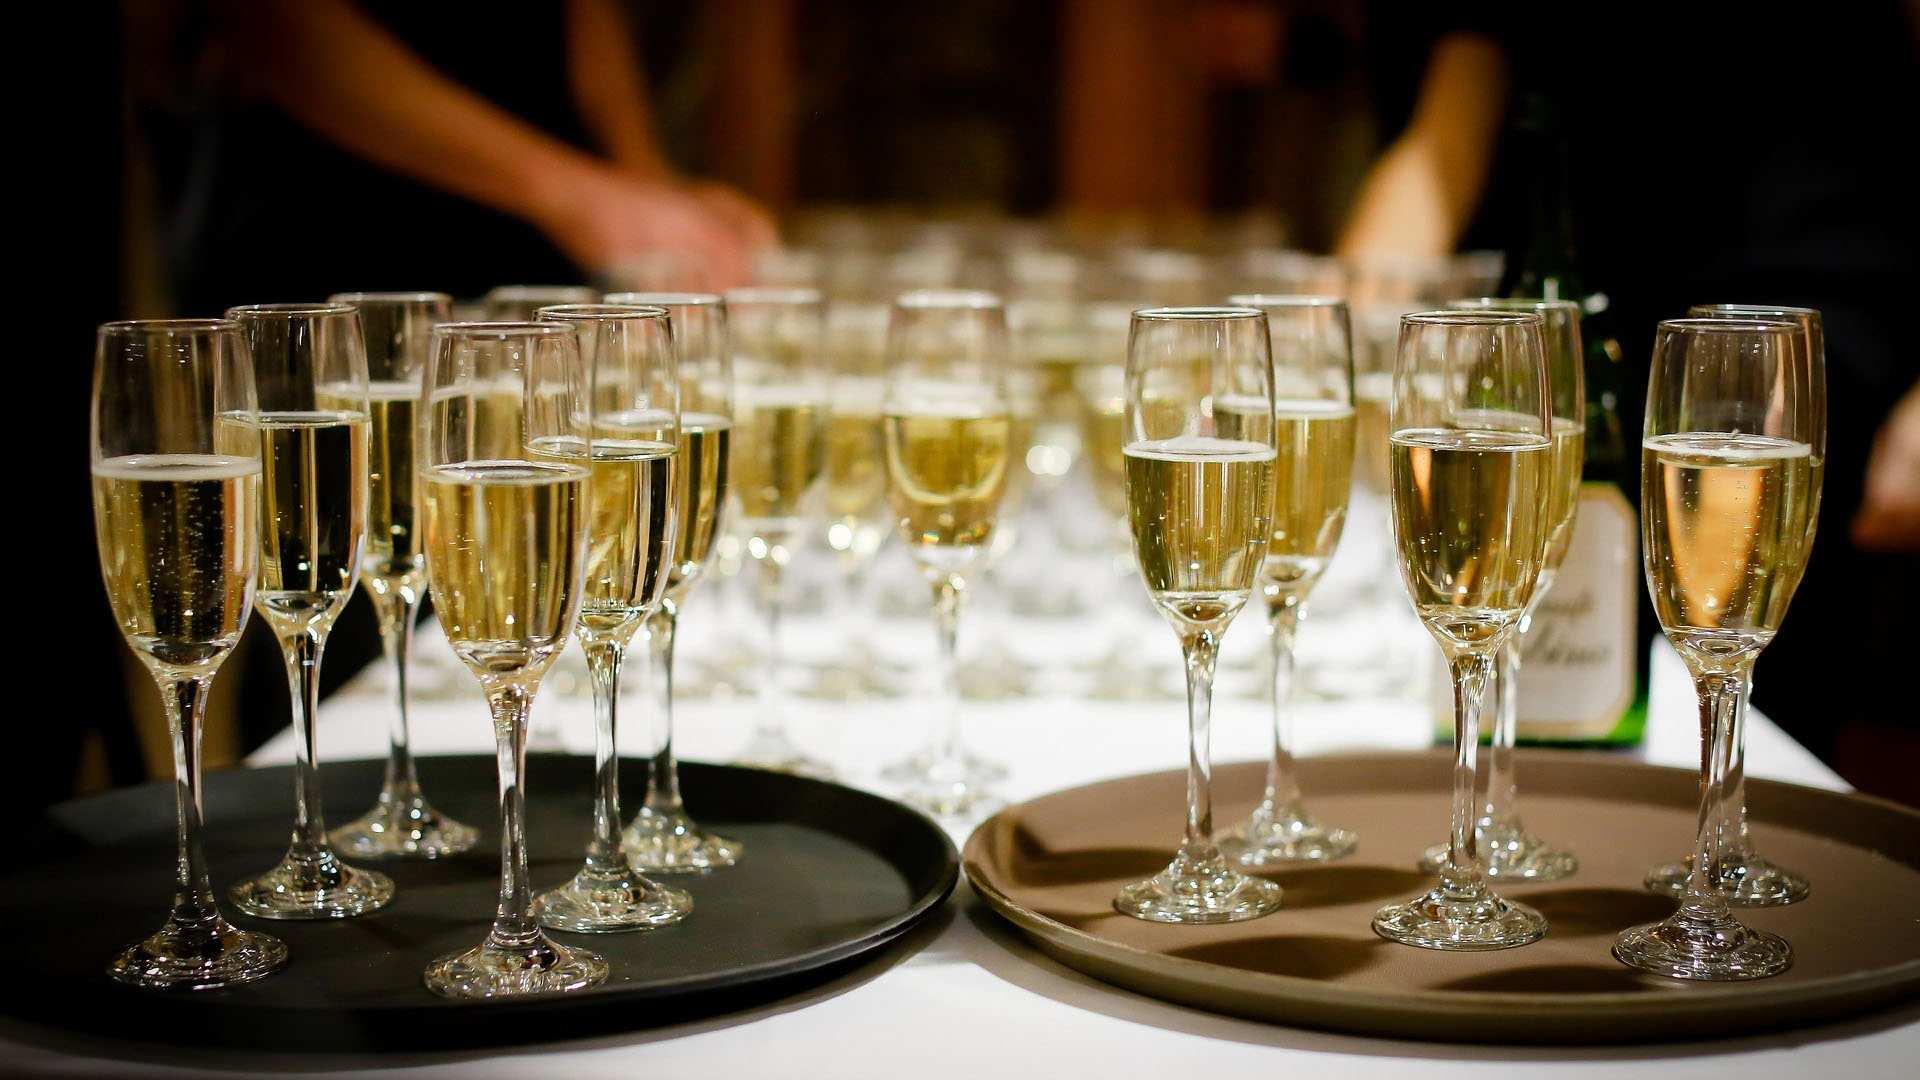 ¡Esas burbujitas! Ve poniendo a enfriar estos cavas y champanes porque llegó la hora de brindar